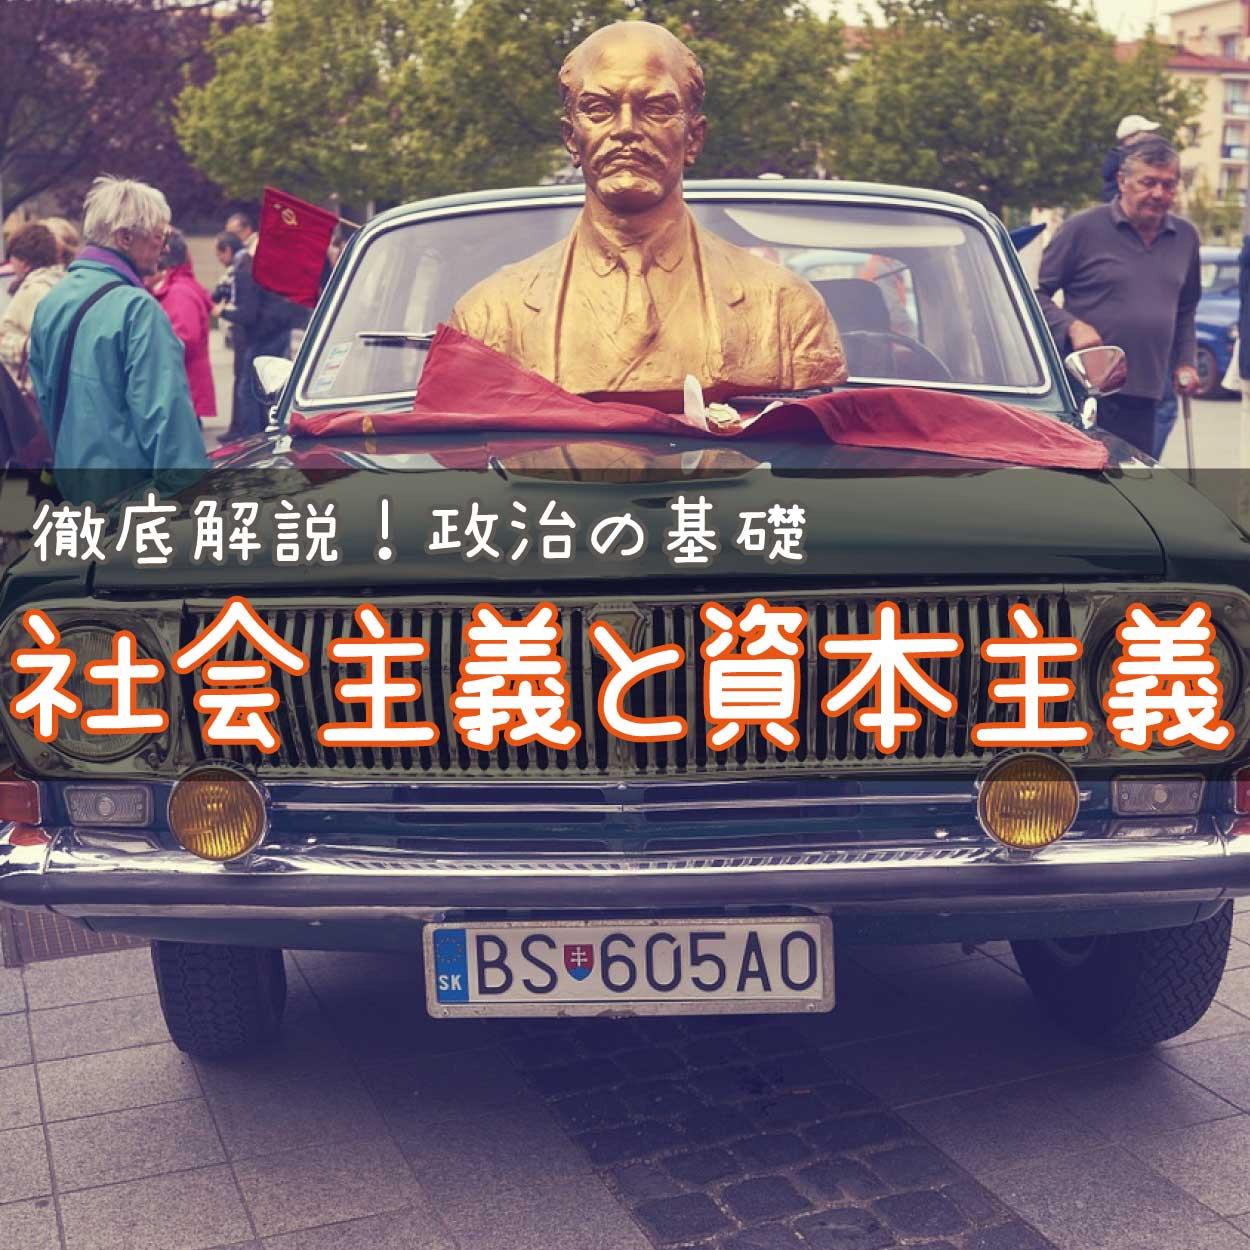 共産 主義 主義 社会